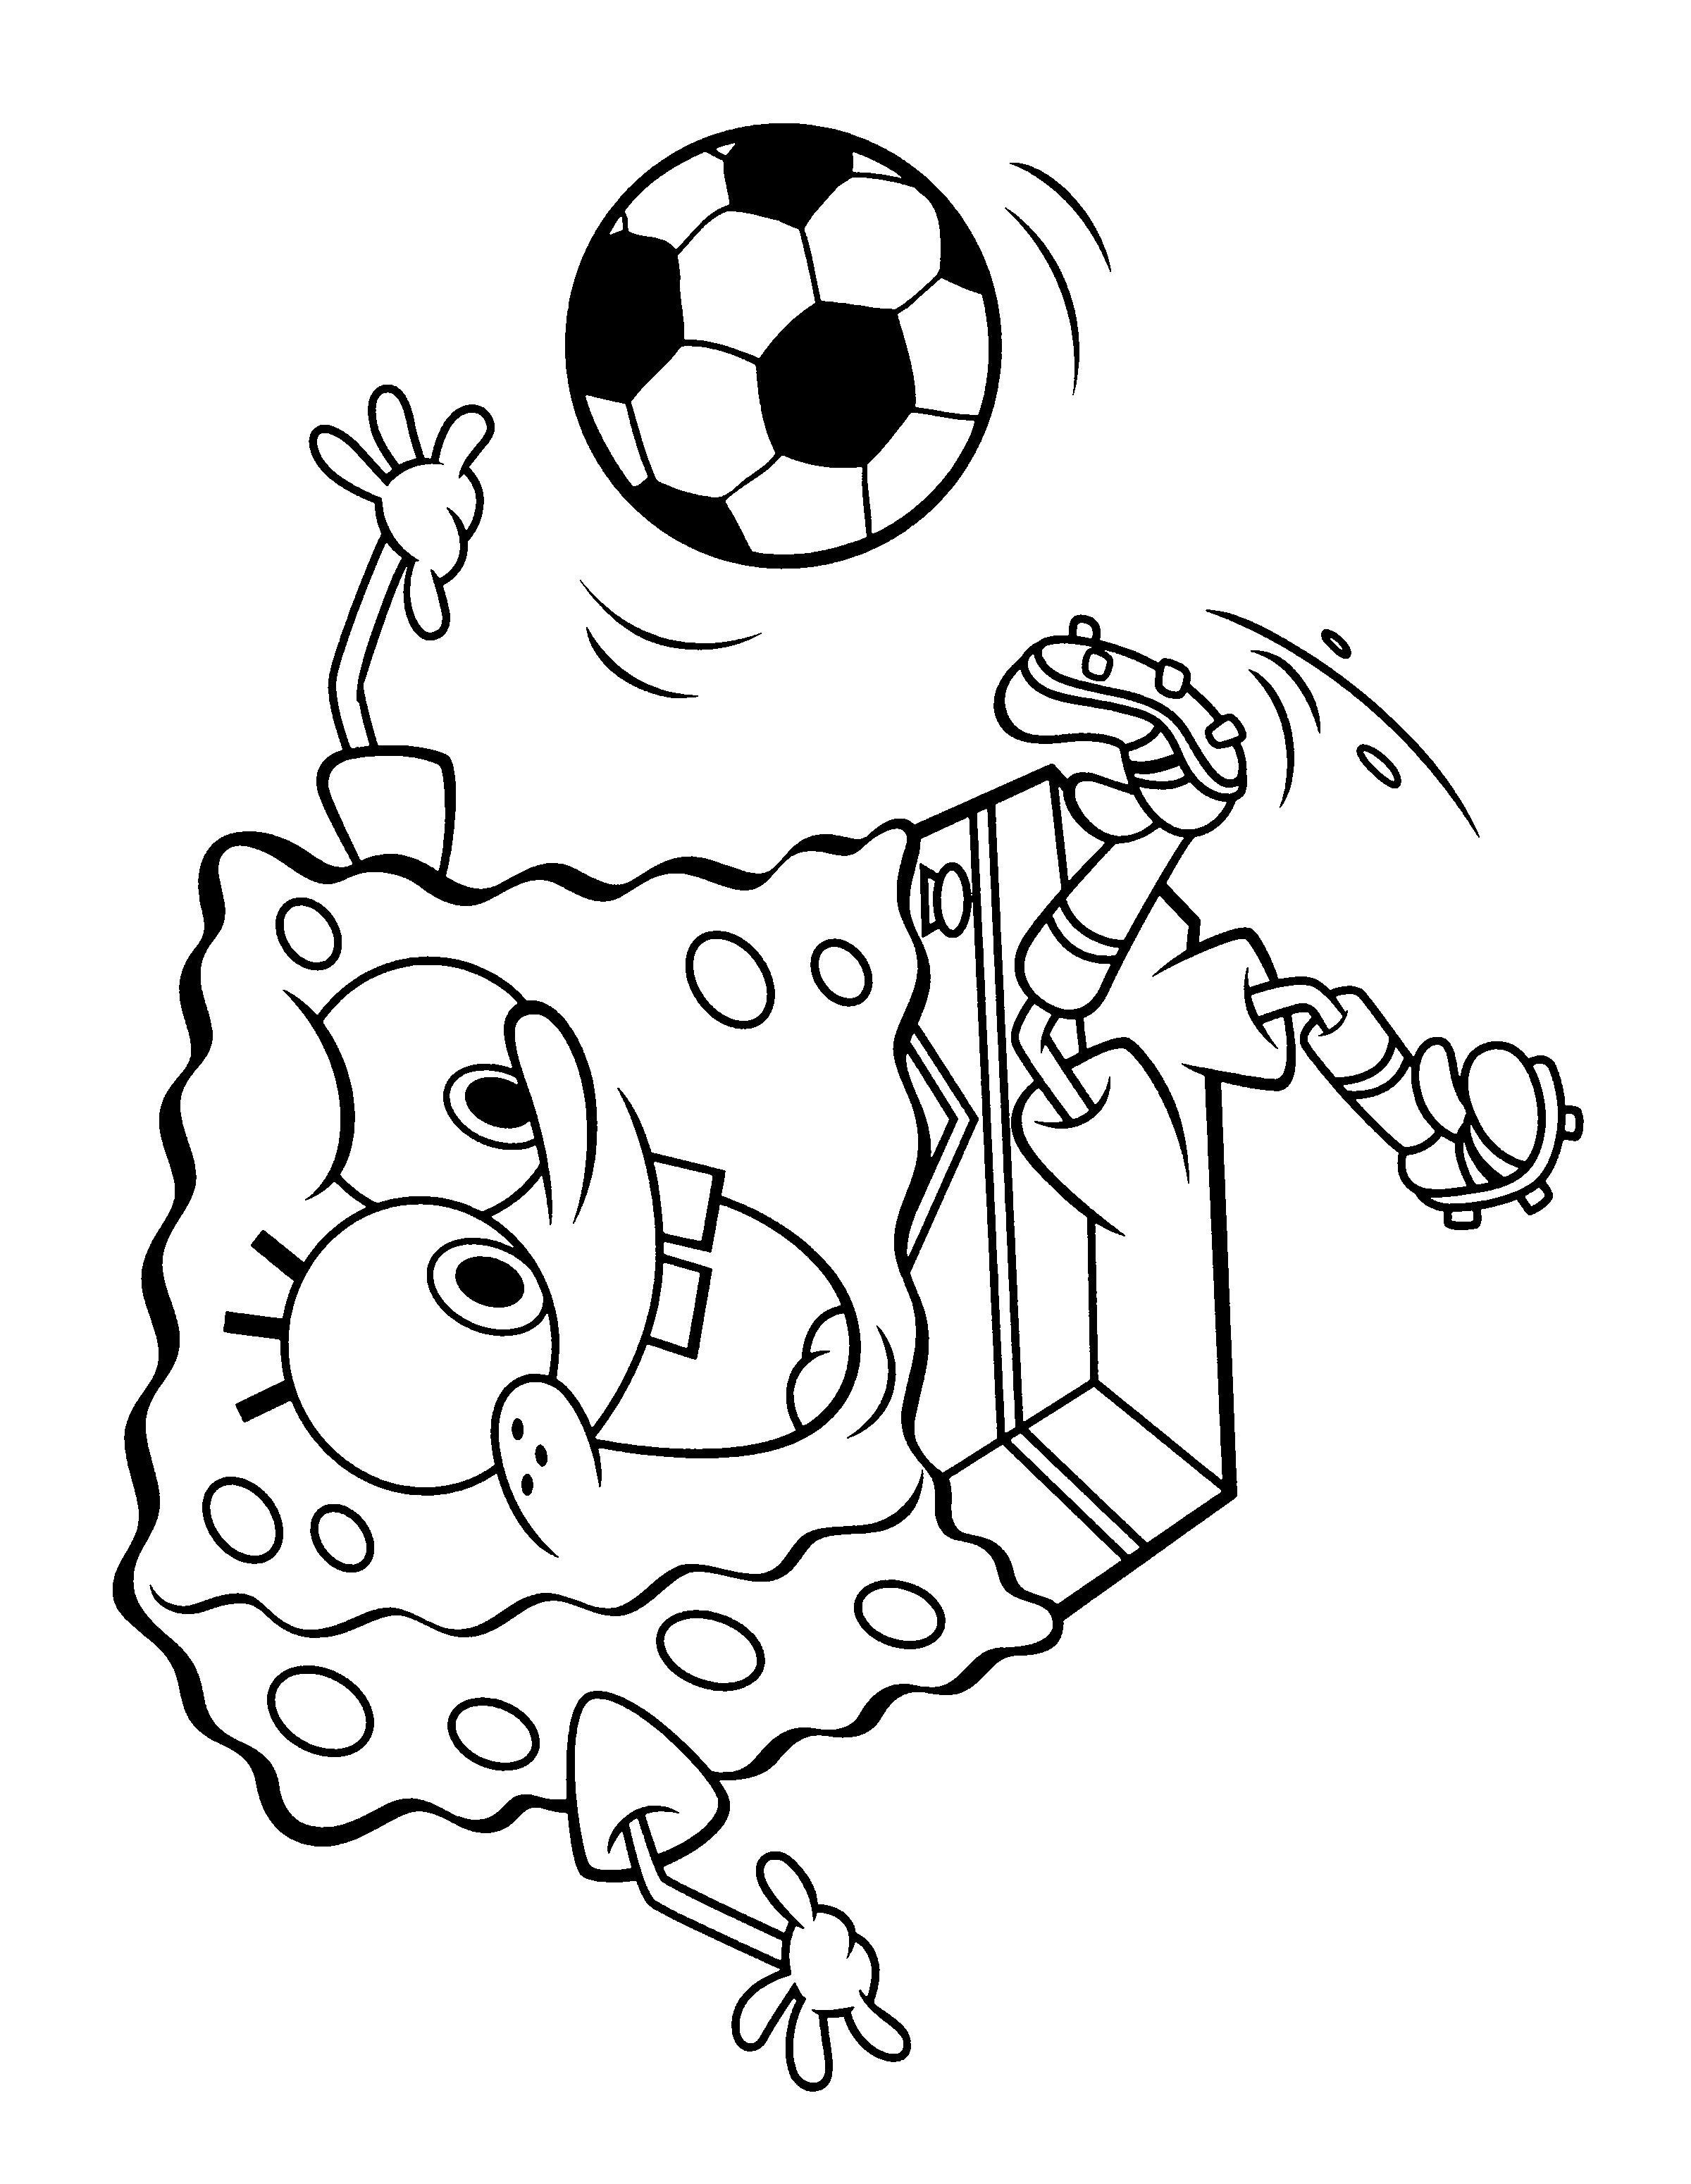 Спанч боб футболист Распечатать раскраски для мальчиков